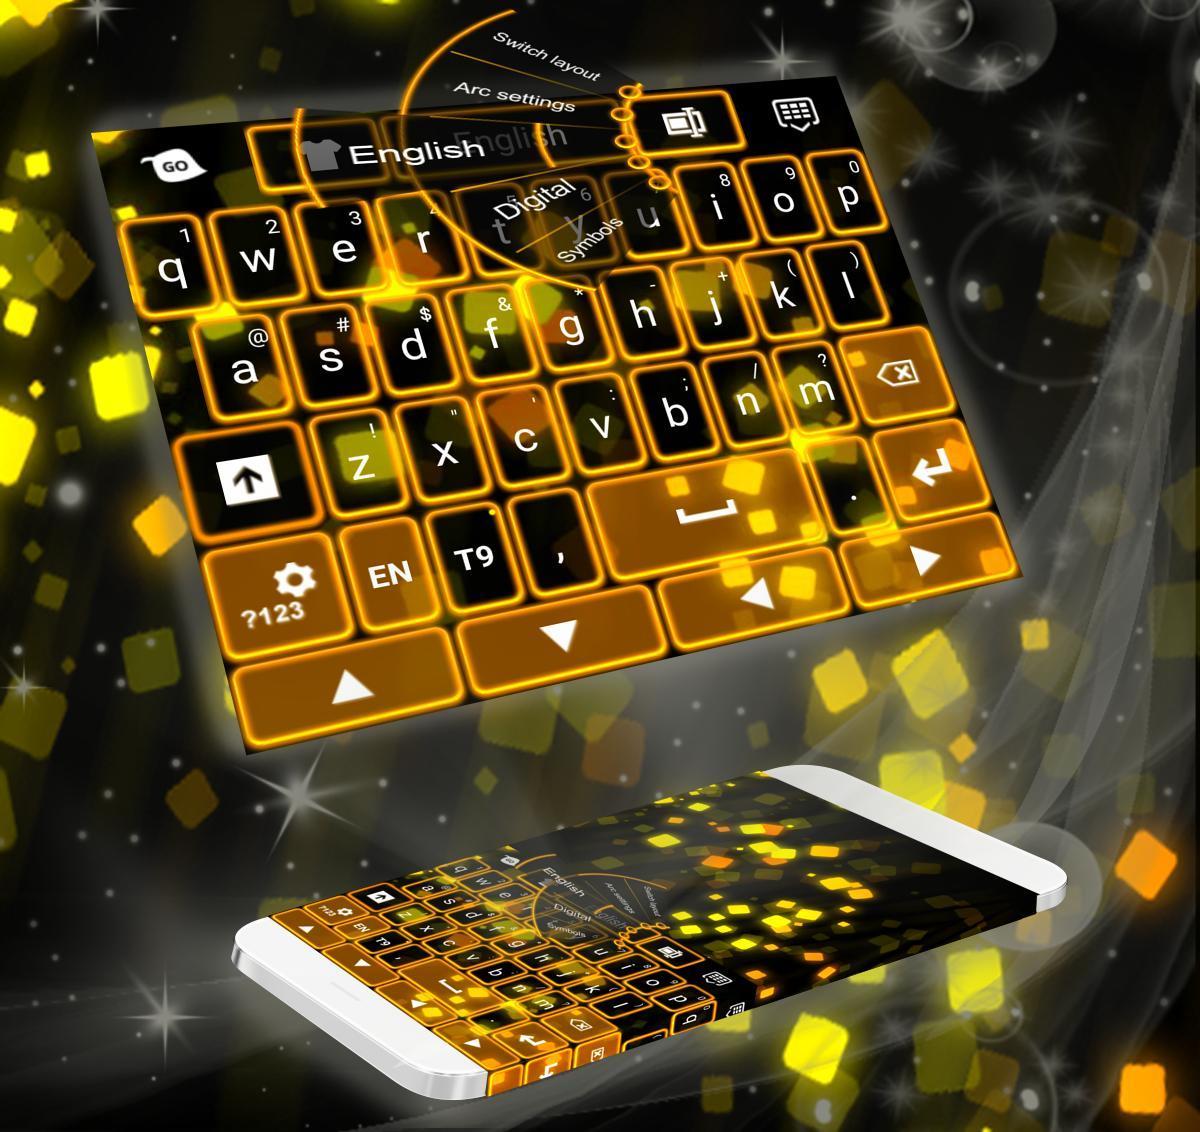 Виртуальная клавиатура – одна из важнейших составляющих смартфона